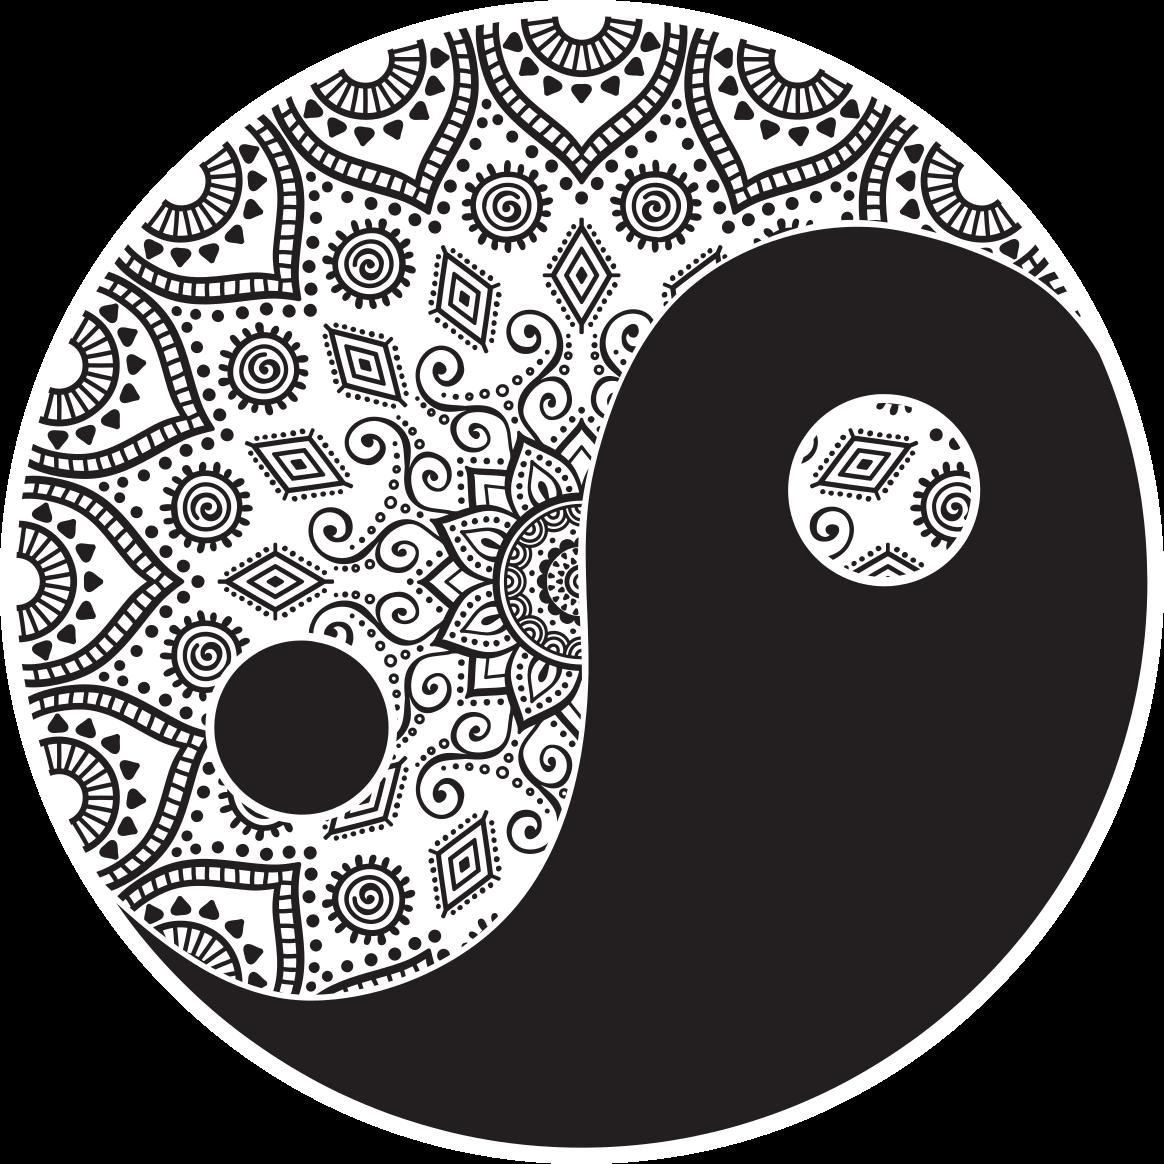 TenVinilo. Alfombra vinilo mandala yin yang. Alfombra vinilo mandala  ying yang en forma redonda. El patrón muestra una forma ornamental de ying yang. Es fácil de limpiar y mantener